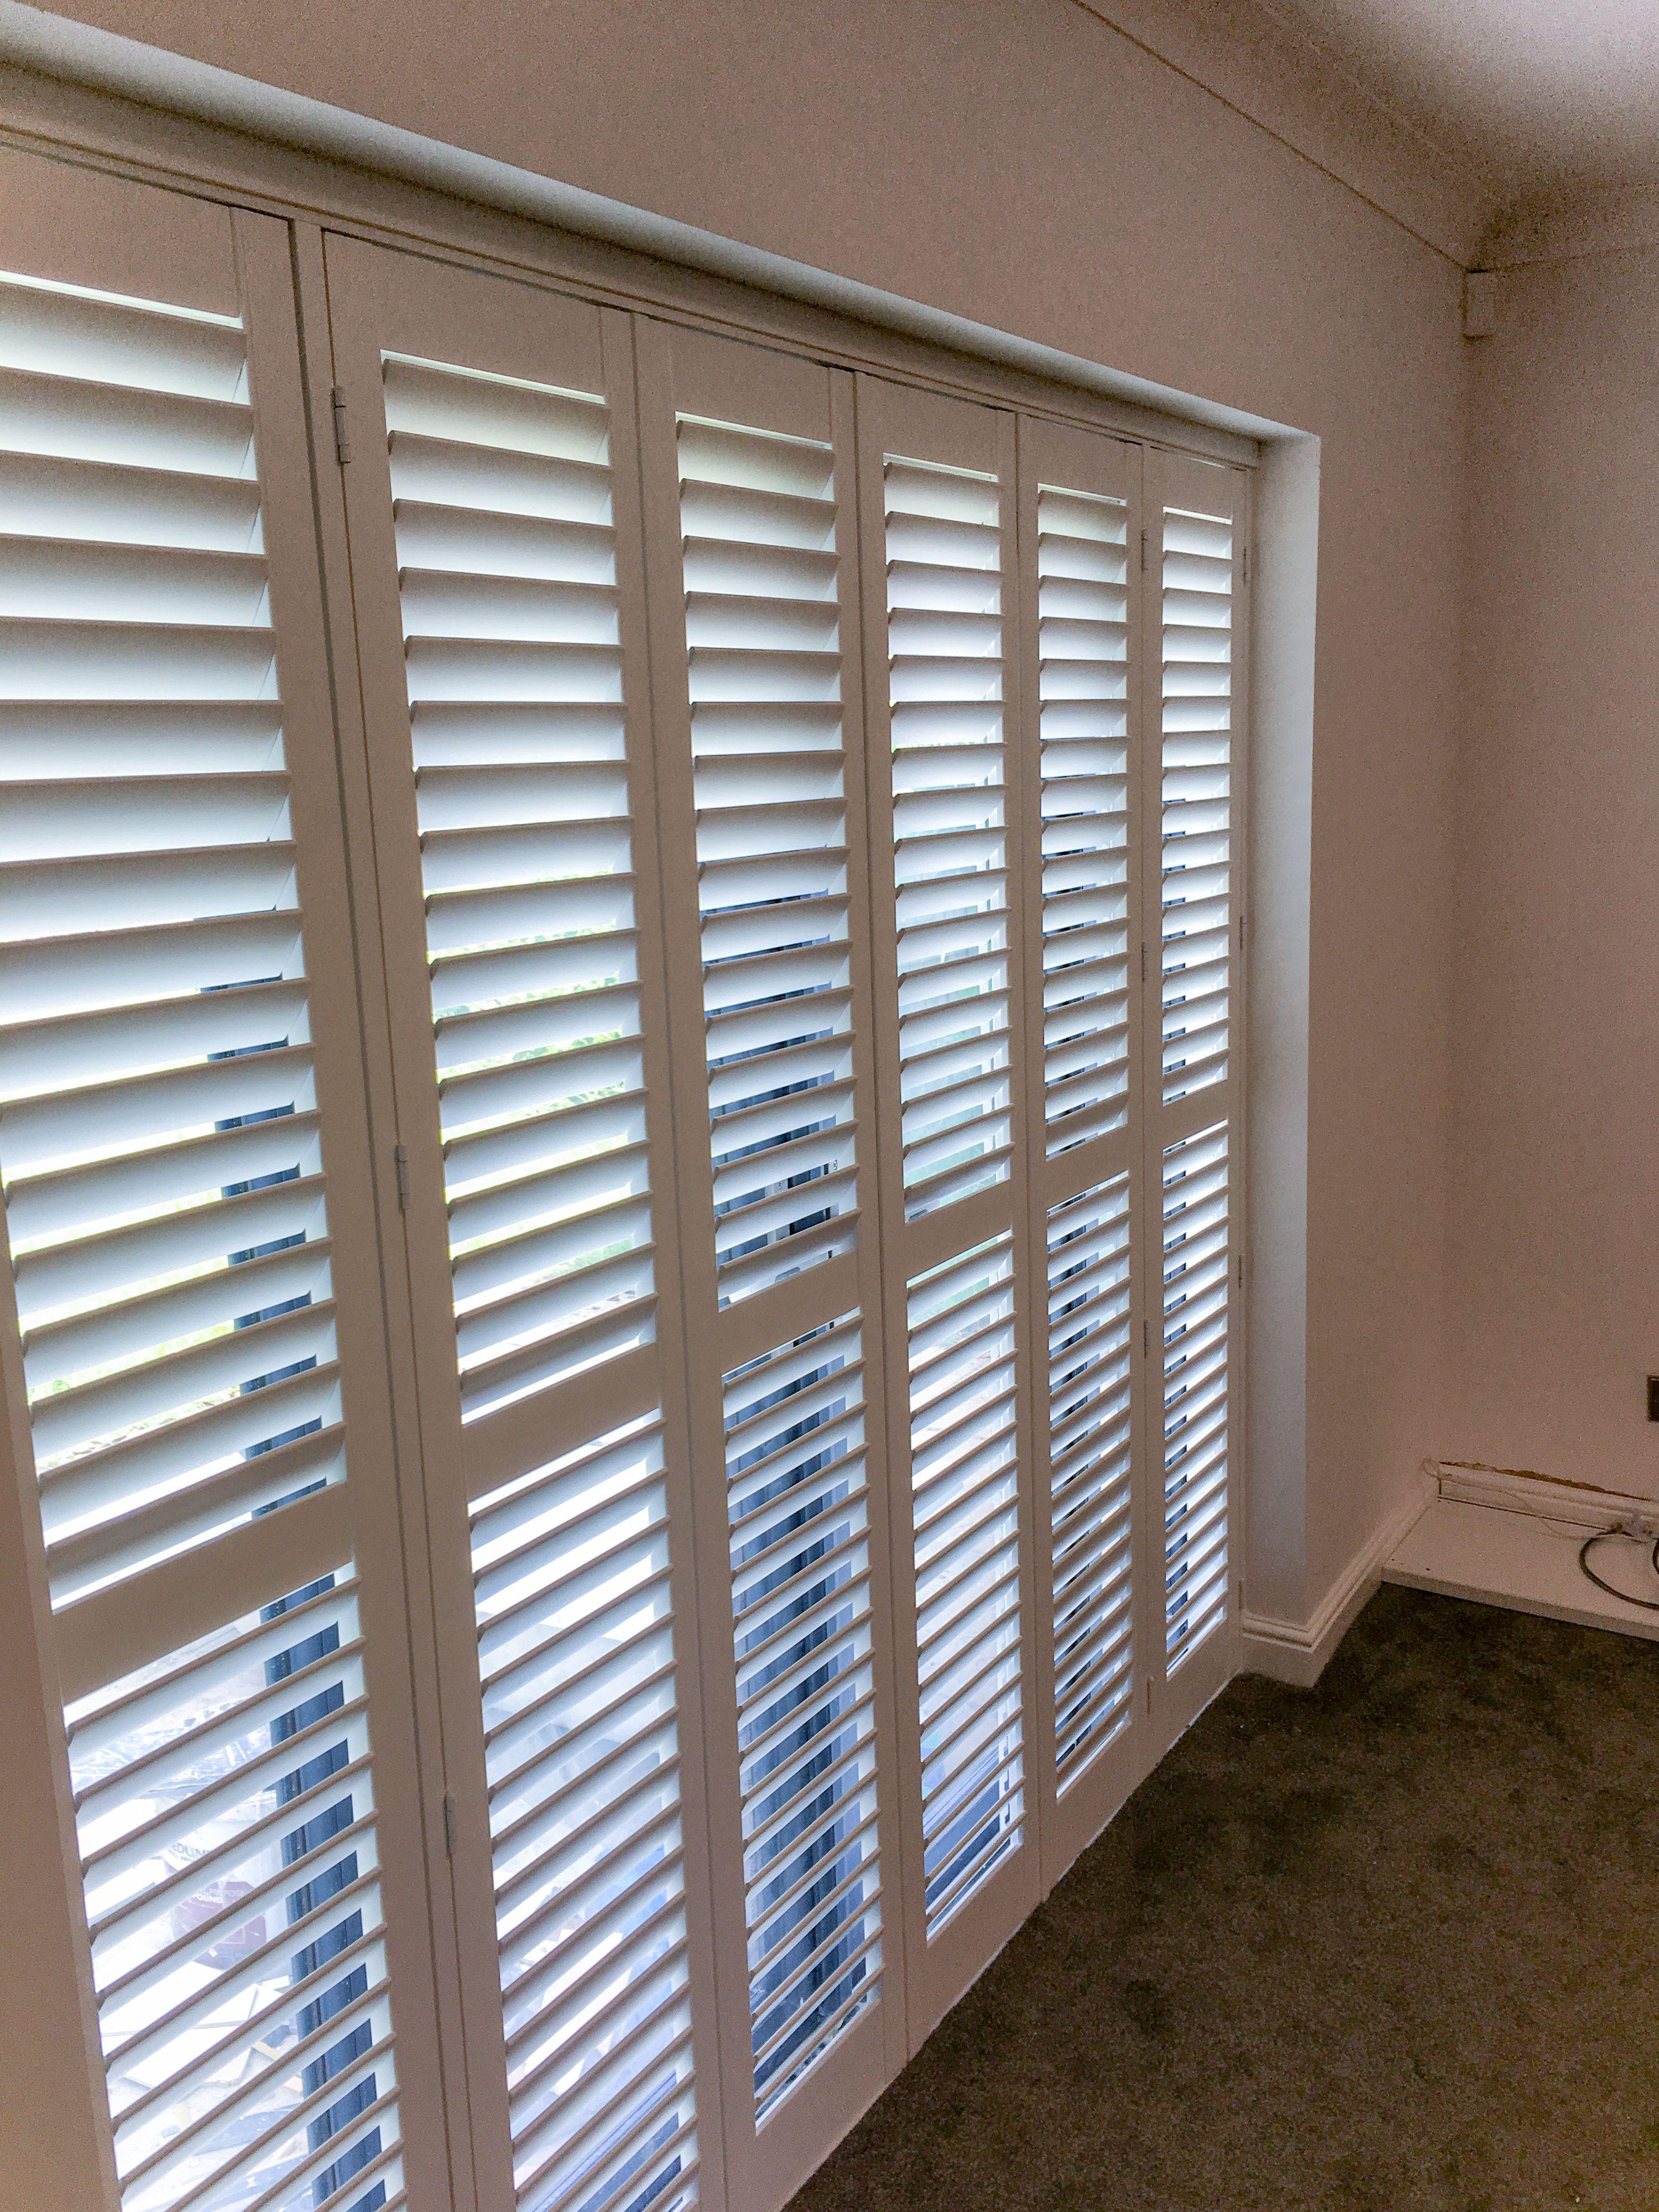 A Recent Patio Door Shutter Installation In Sale Bi Folding Hardwood